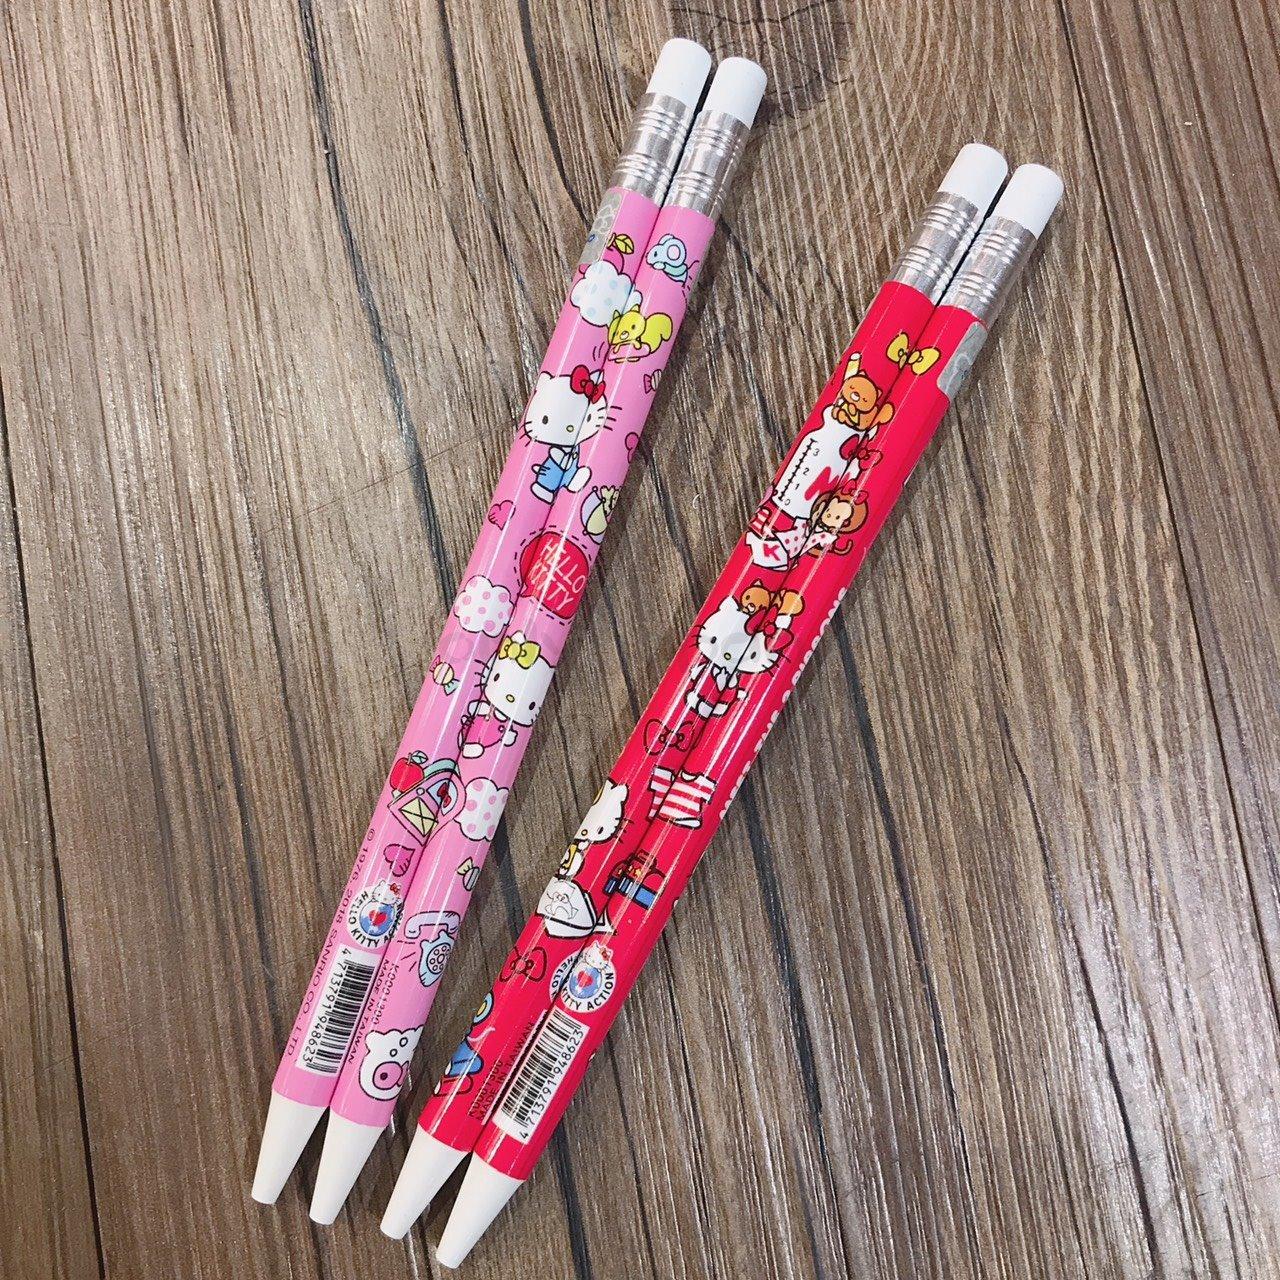 【真愛日本】18090700013 二入仿木鉛自動鉛筆組-兩色 凱蒂貓 kitty 自動鉛筆 鉛筆 自動筆 兩入 書寫用品 文具